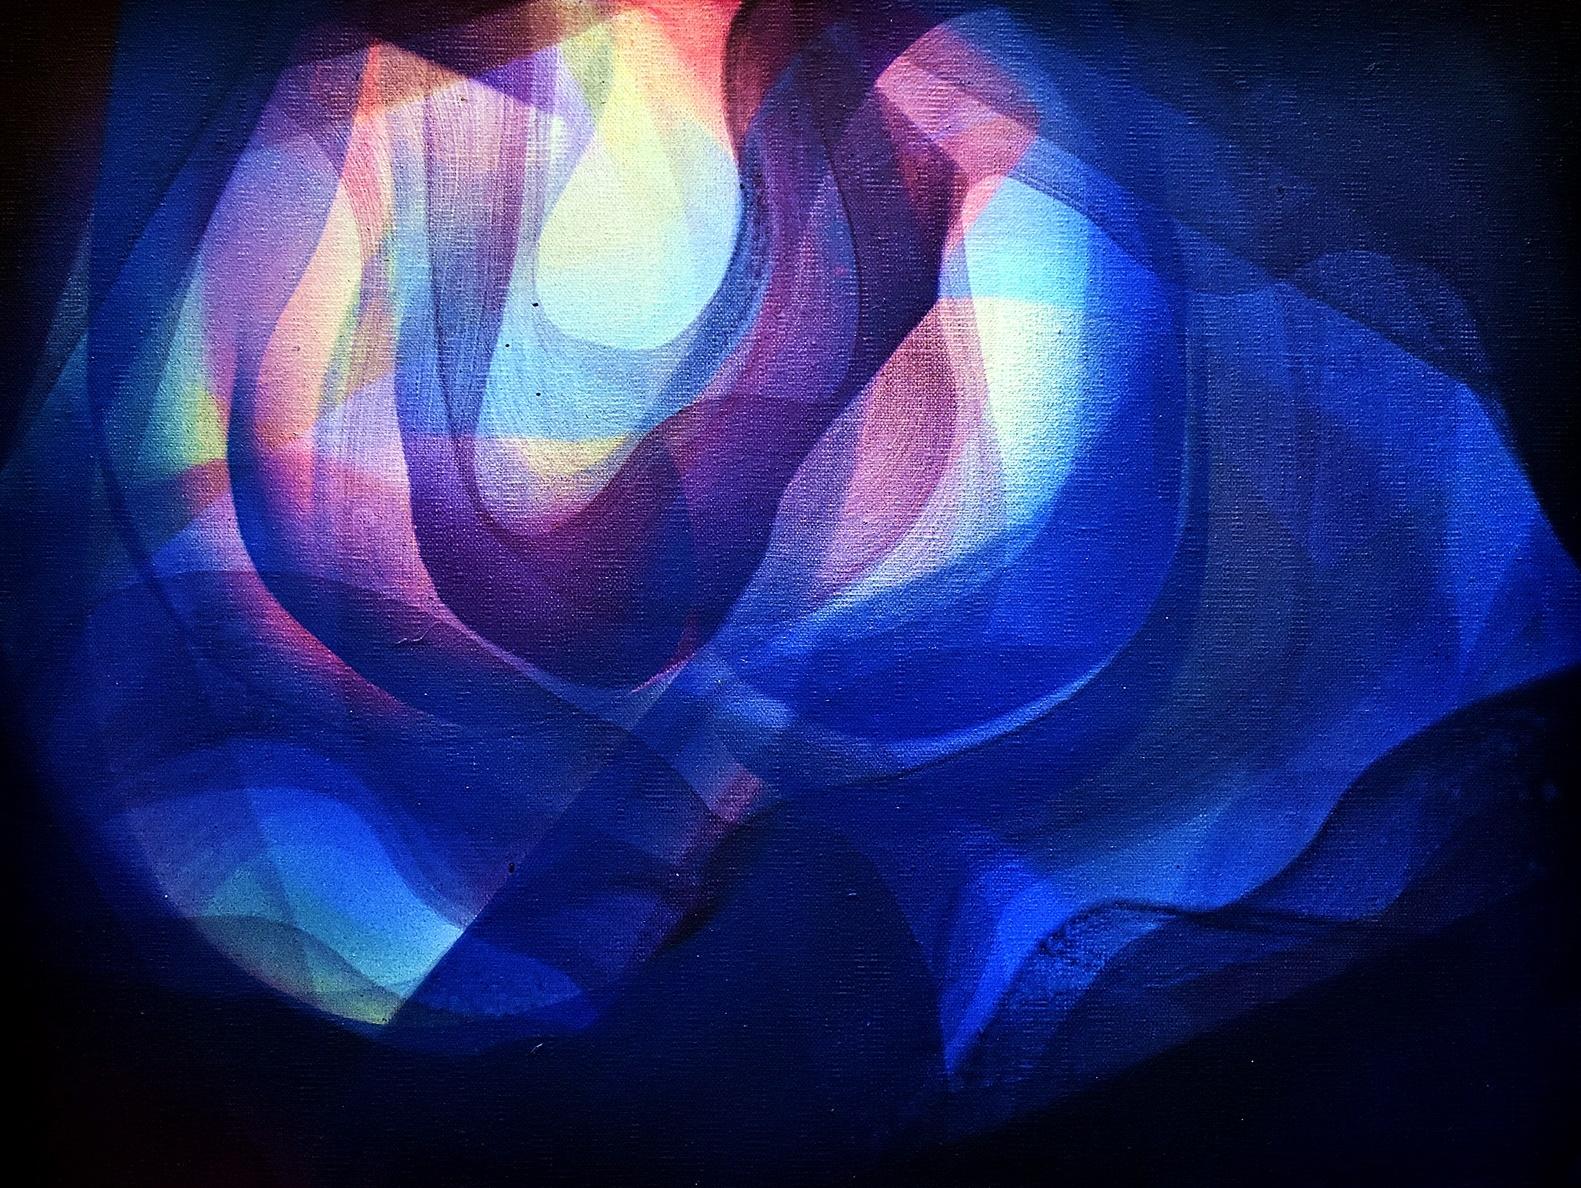 Serenity in blue (2020) - Mauricio Paz Viola